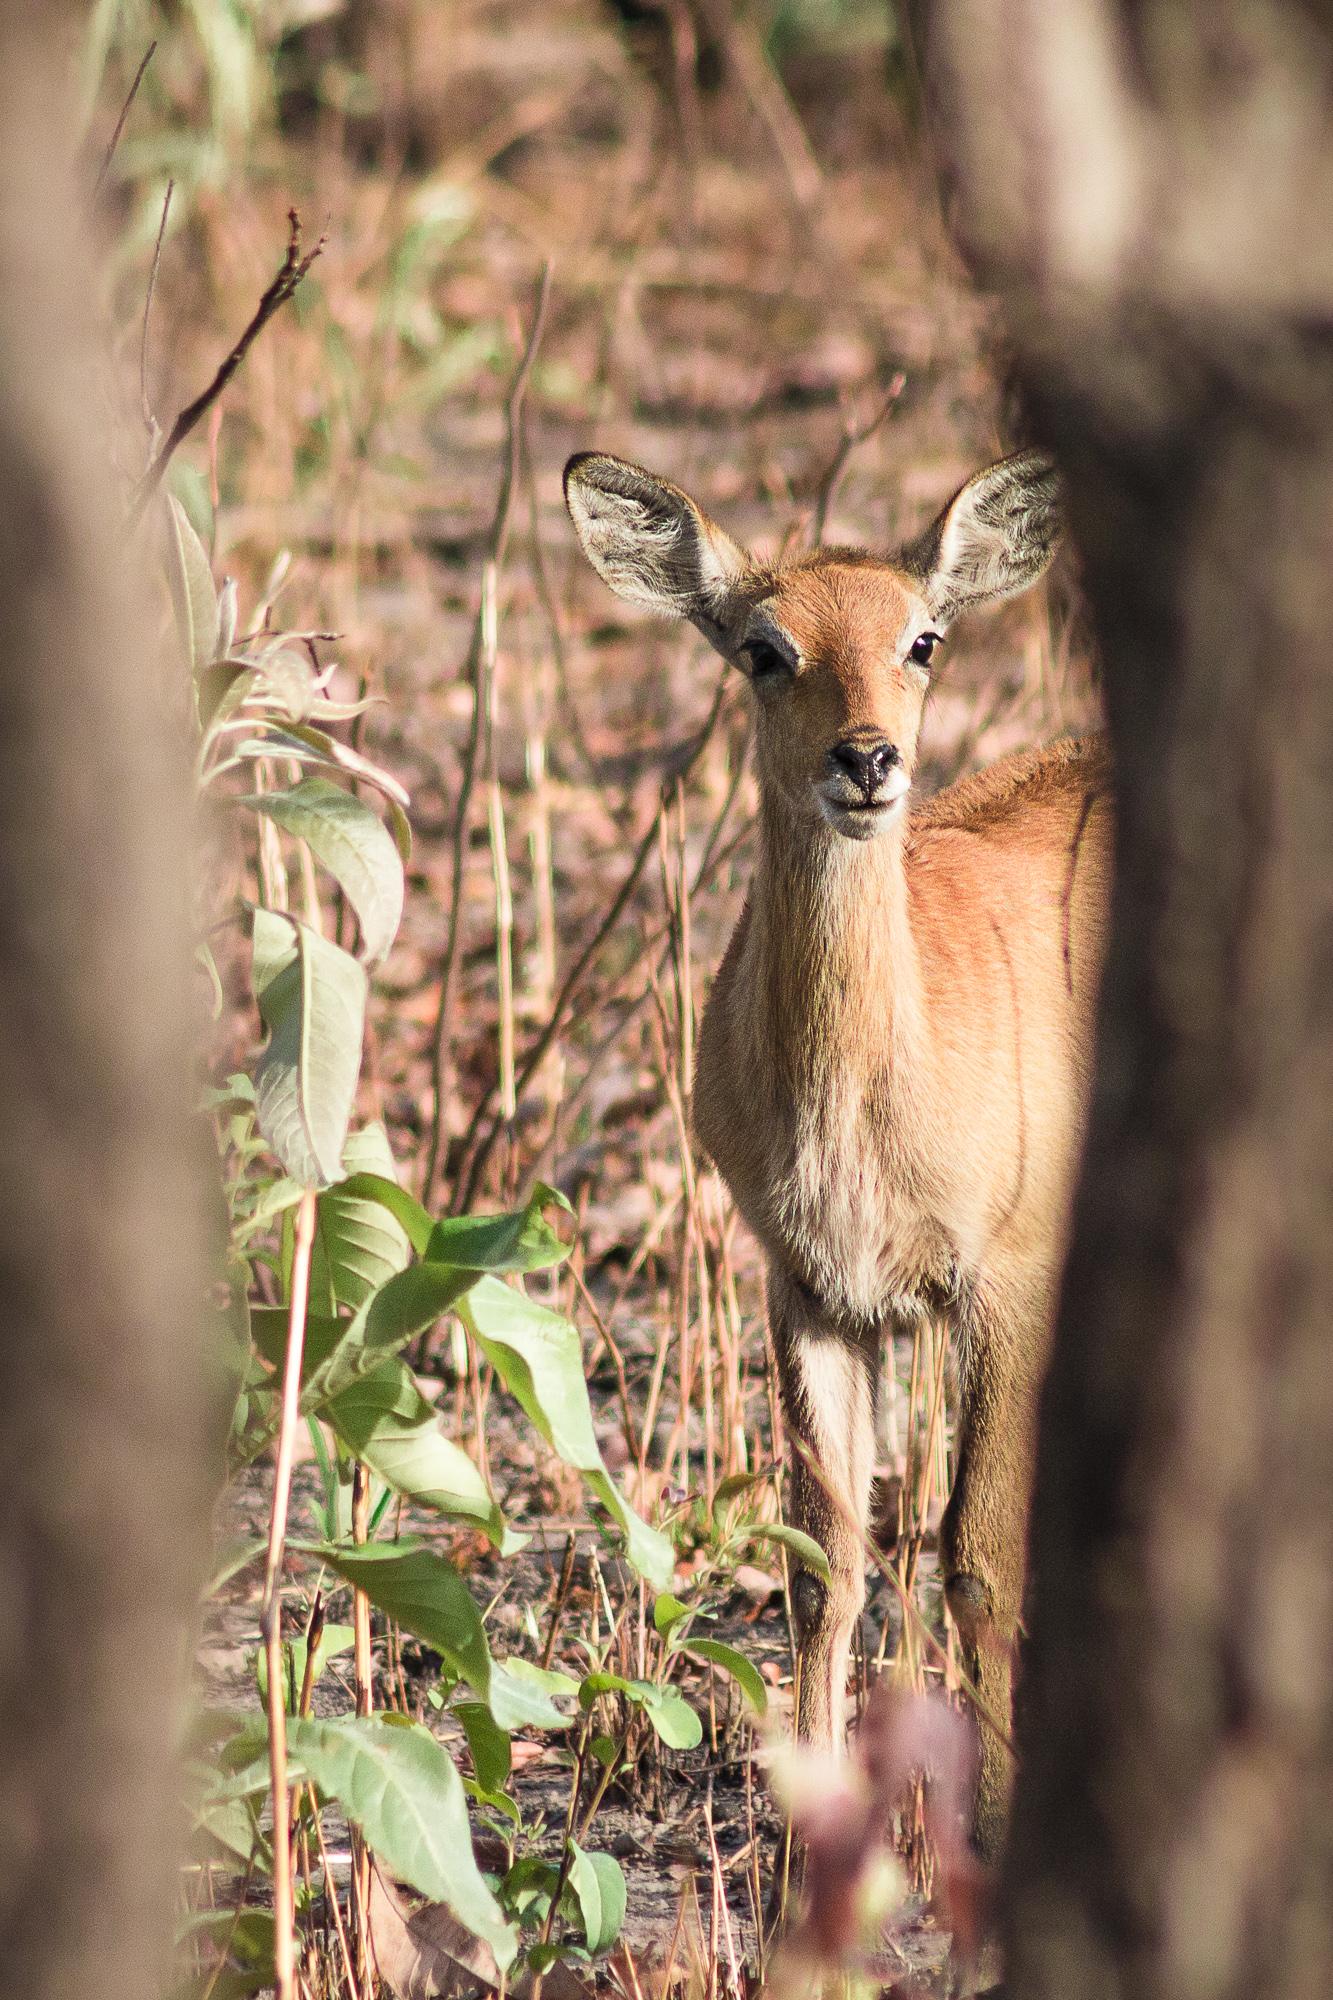 Antilope Cobe de Buffon dans la réserve de Nazinga, Burkina Faso